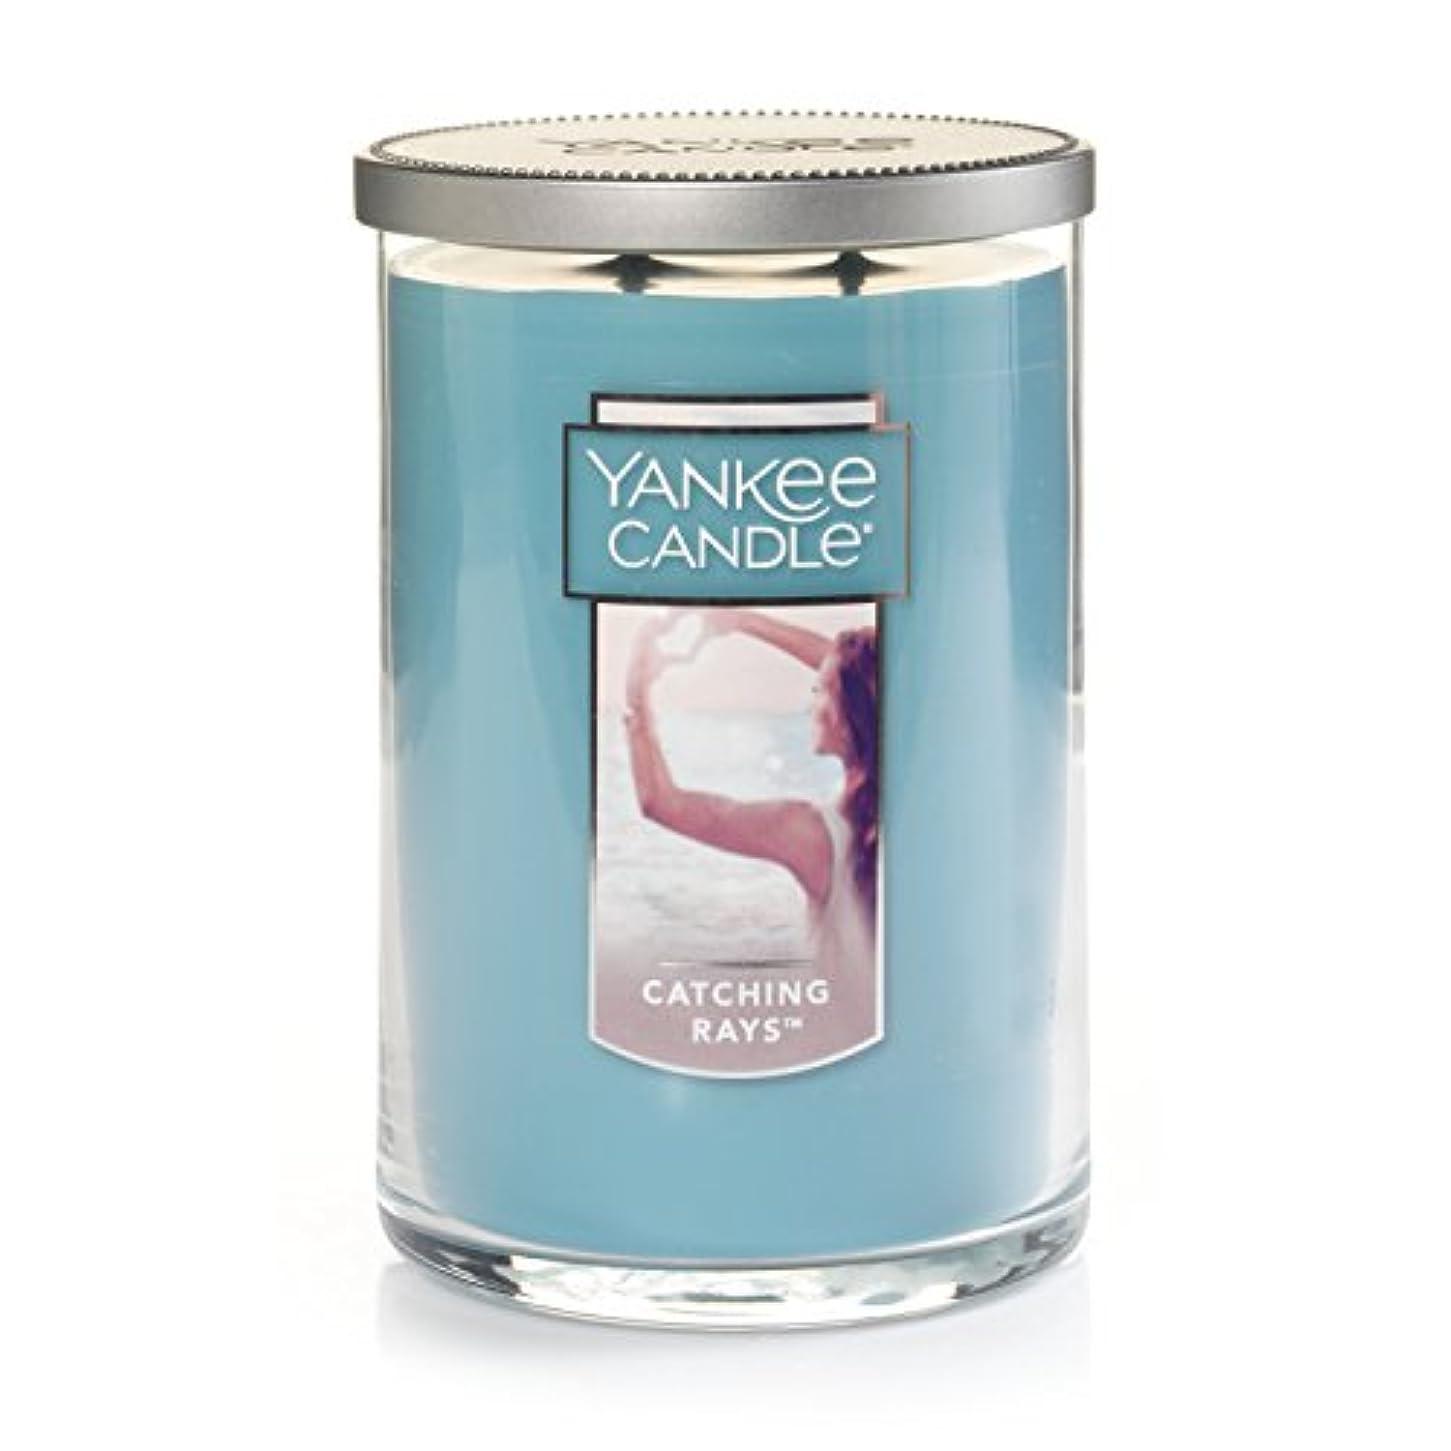 スロー噴水満たす(ヤンキーキャンドル) Yankee Candle Lサイズ ジャーキャンドル Large 2-Wick Tumbler Candle ブルー 1351630Z